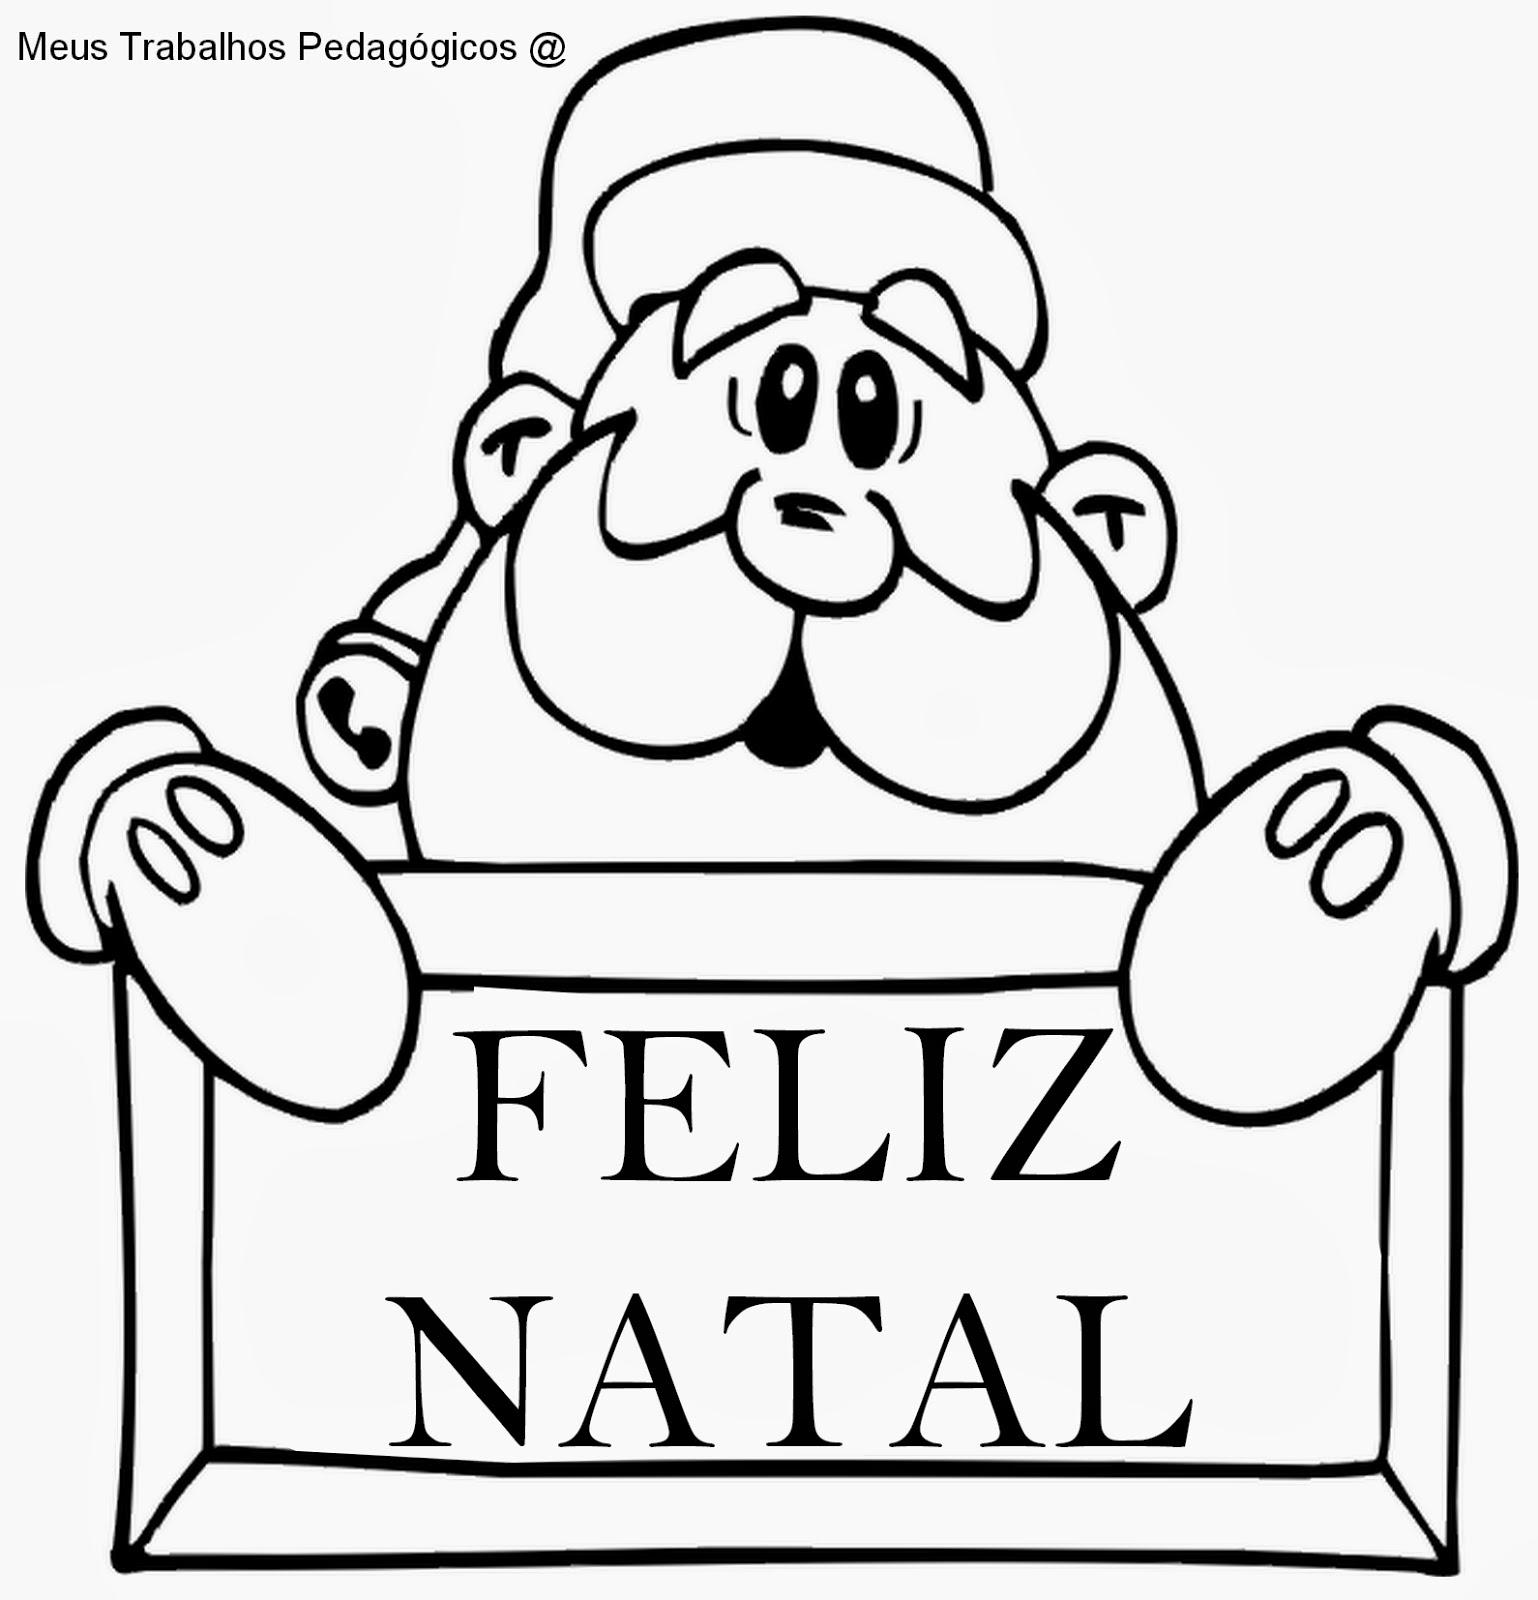 Meus Trabalhos Pedagógicos ®: Papai Noel Para Colorir